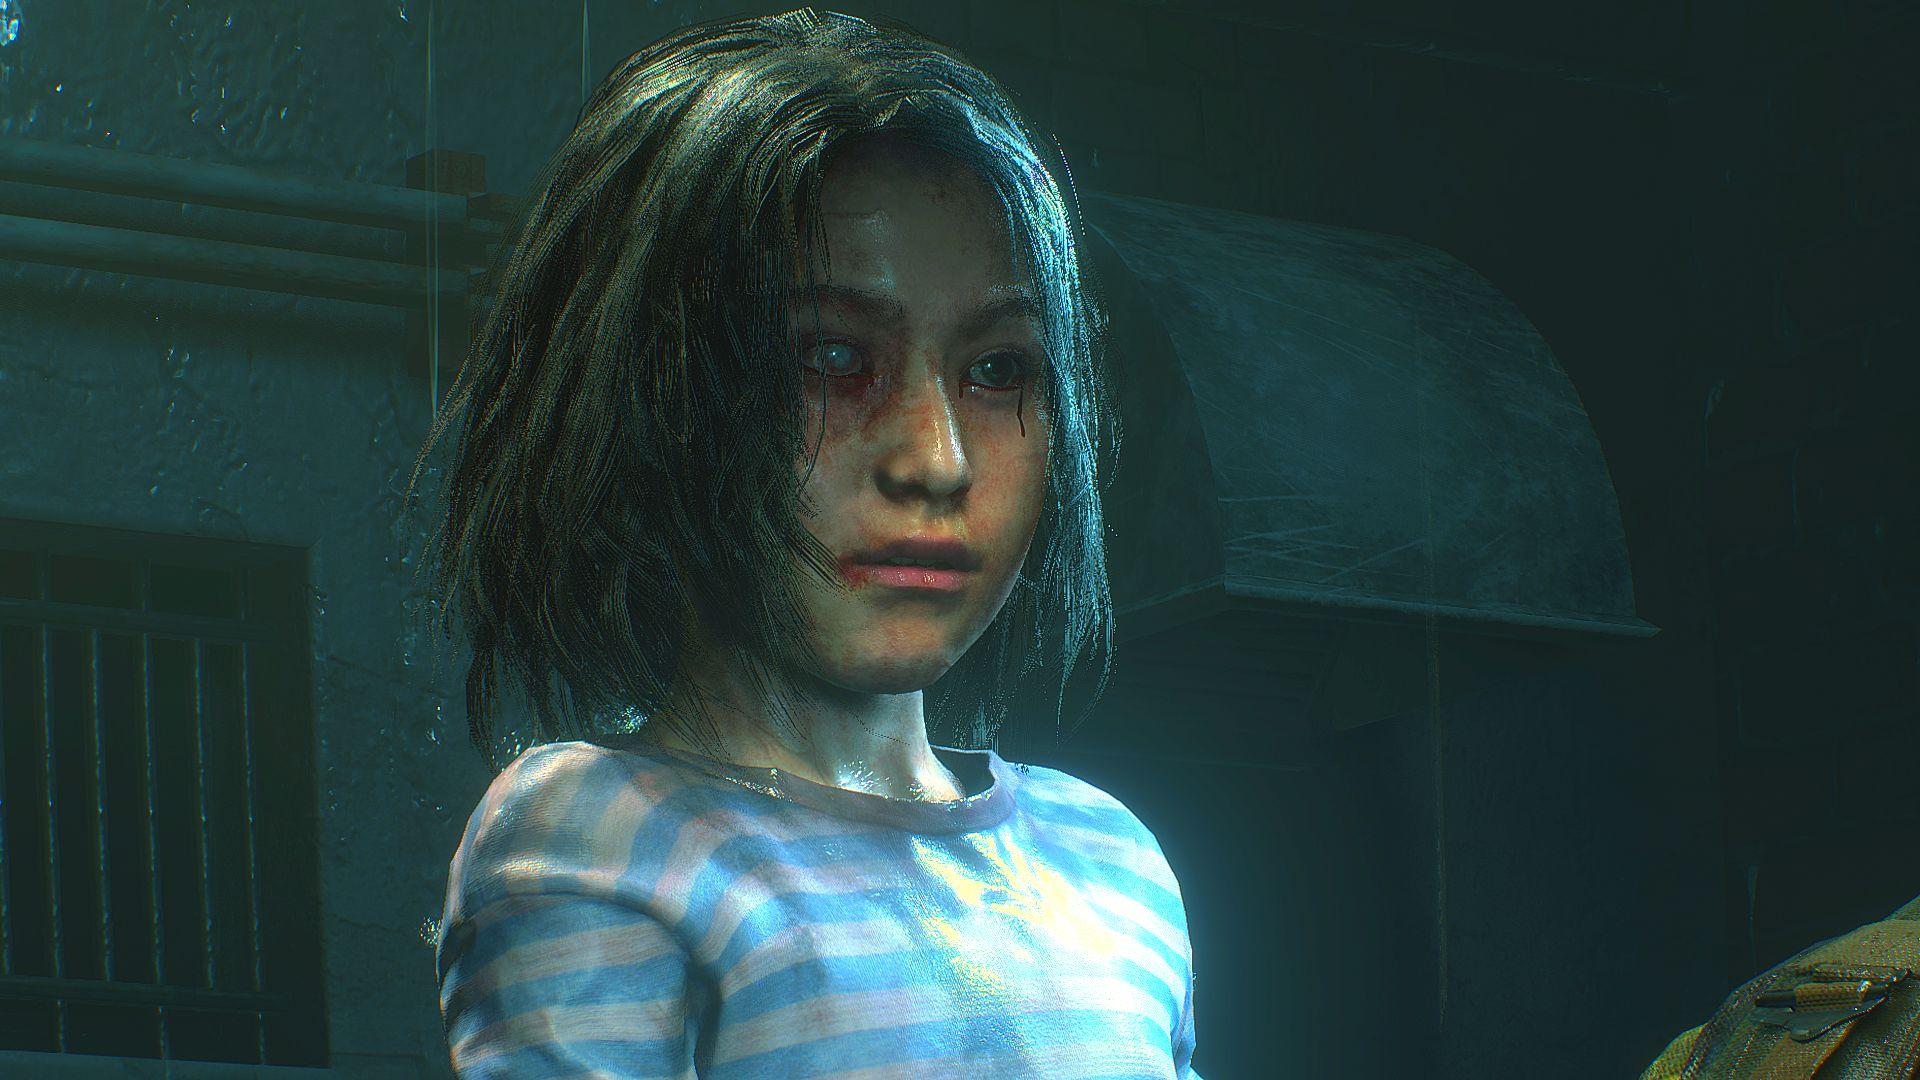 000135.Jpg - Resident Evil 2